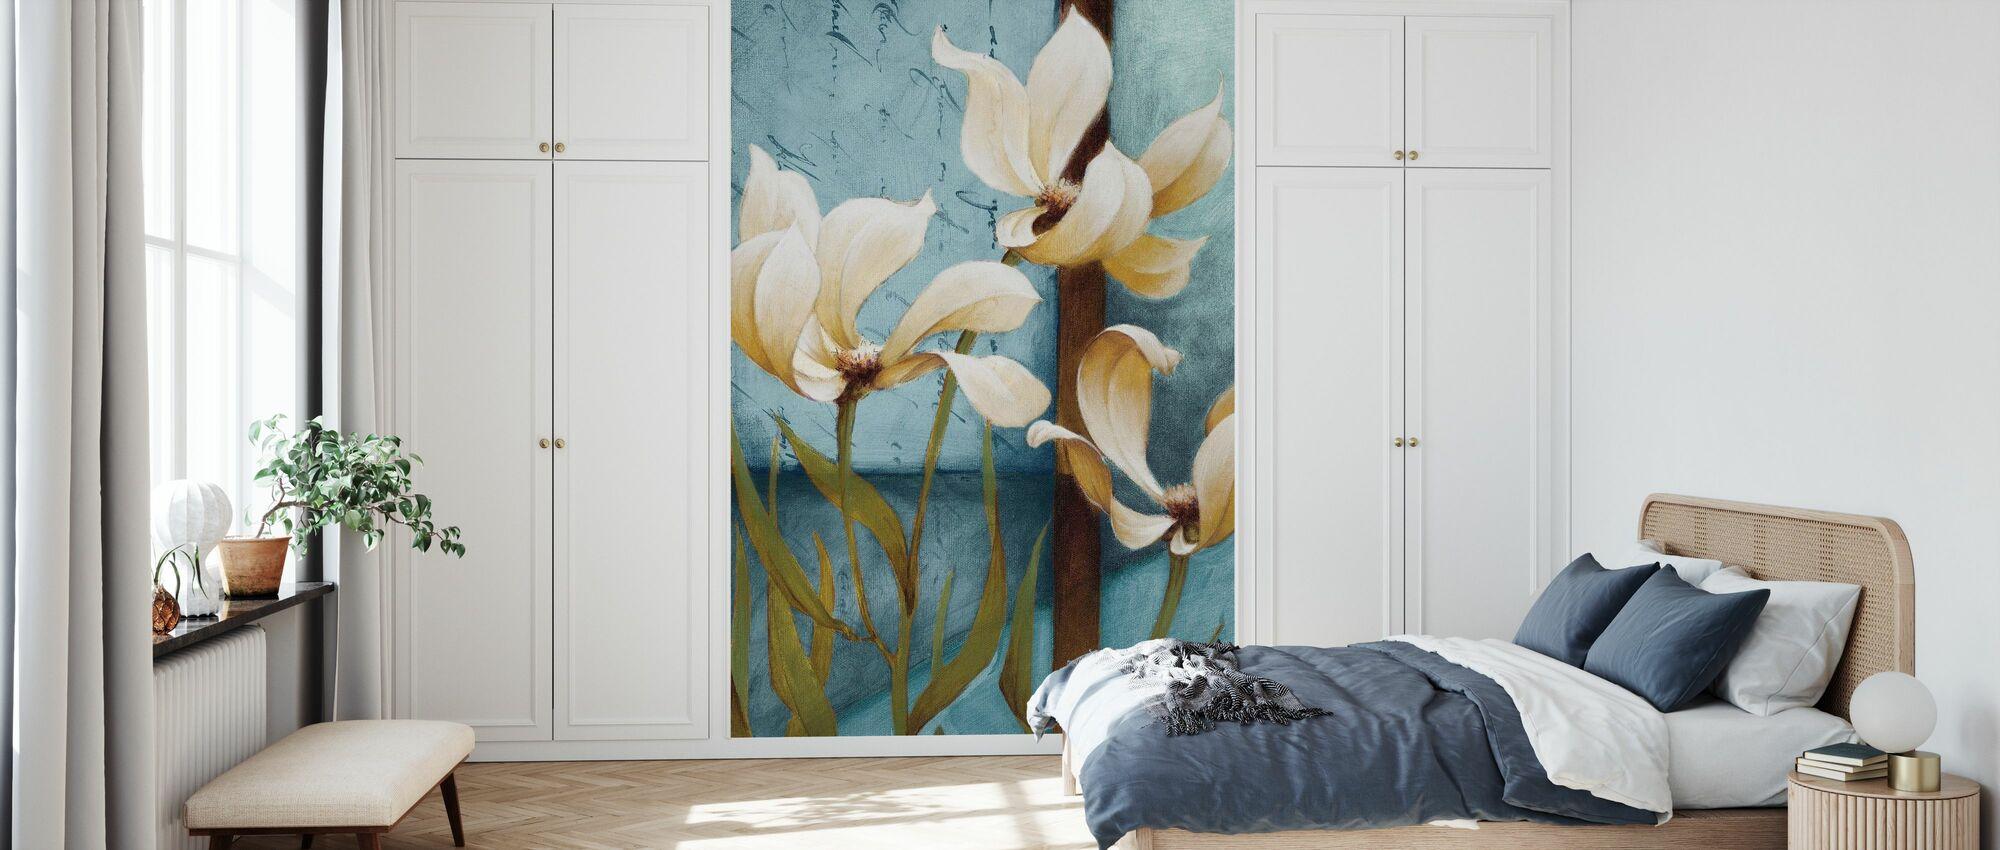 Magnolia Schilderij - Behang - Slaapkamer